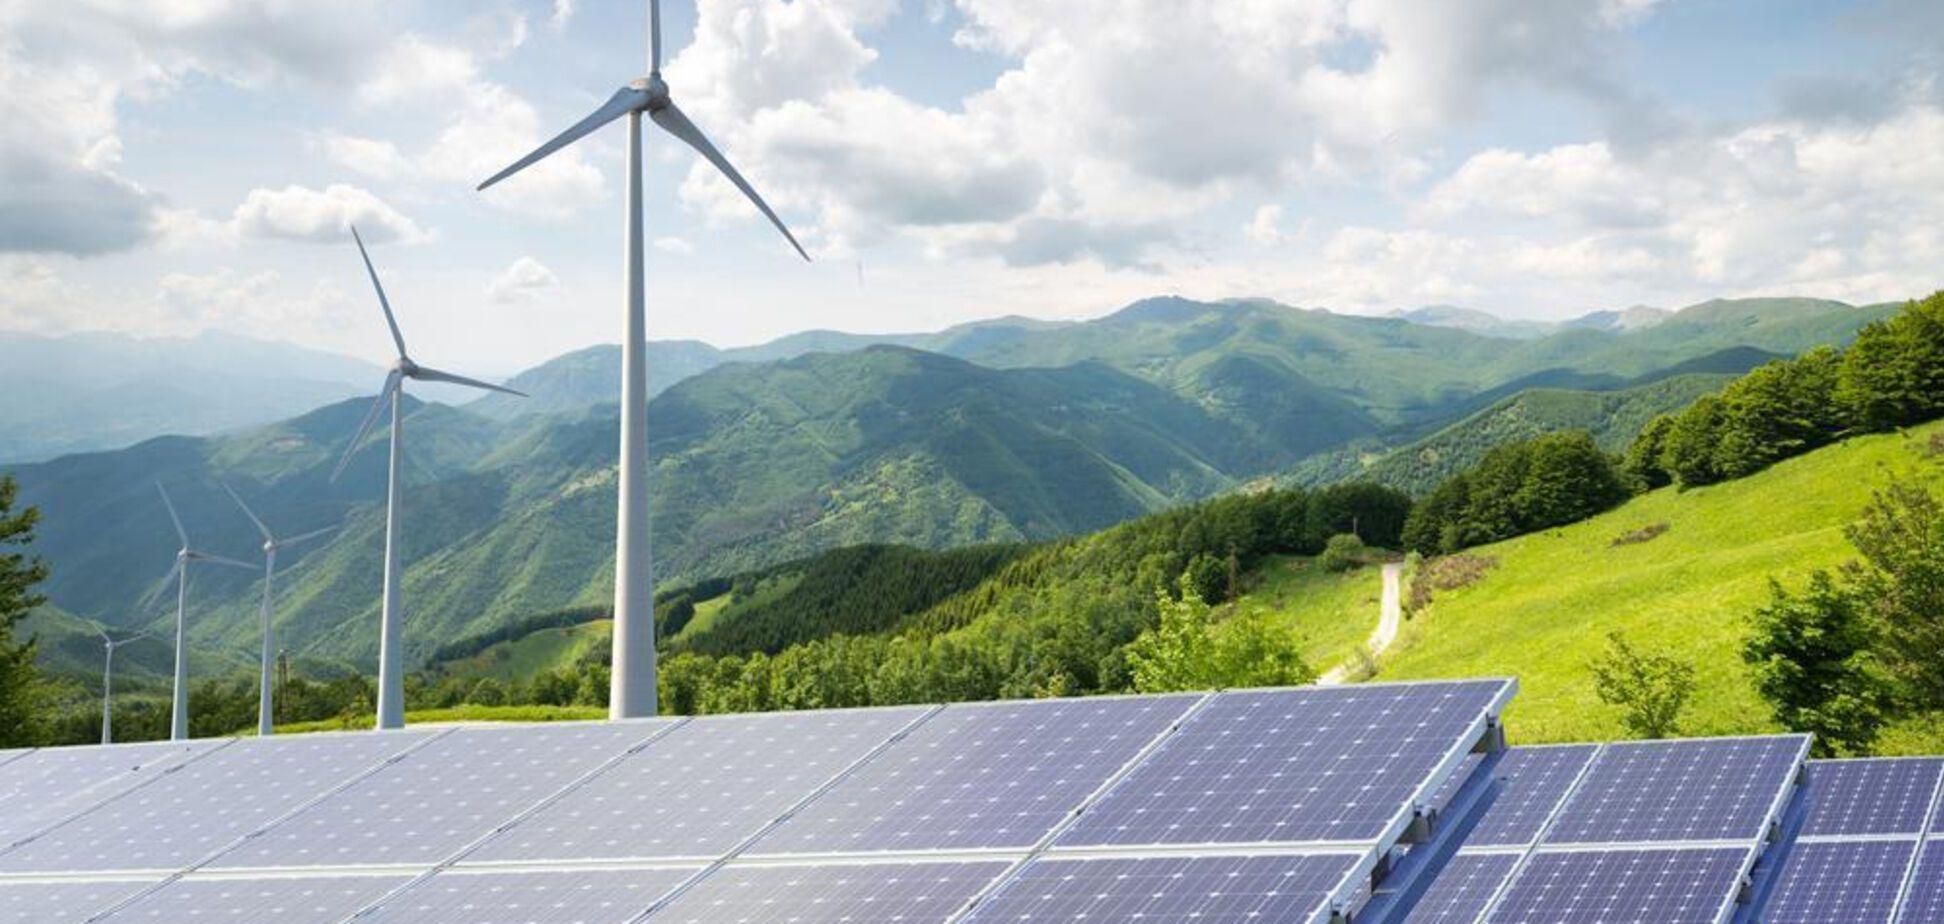 Бизнес США призвал Украину срочно выпустить ОВГЗ для выплаты долга производителям 'зеленой' энергии